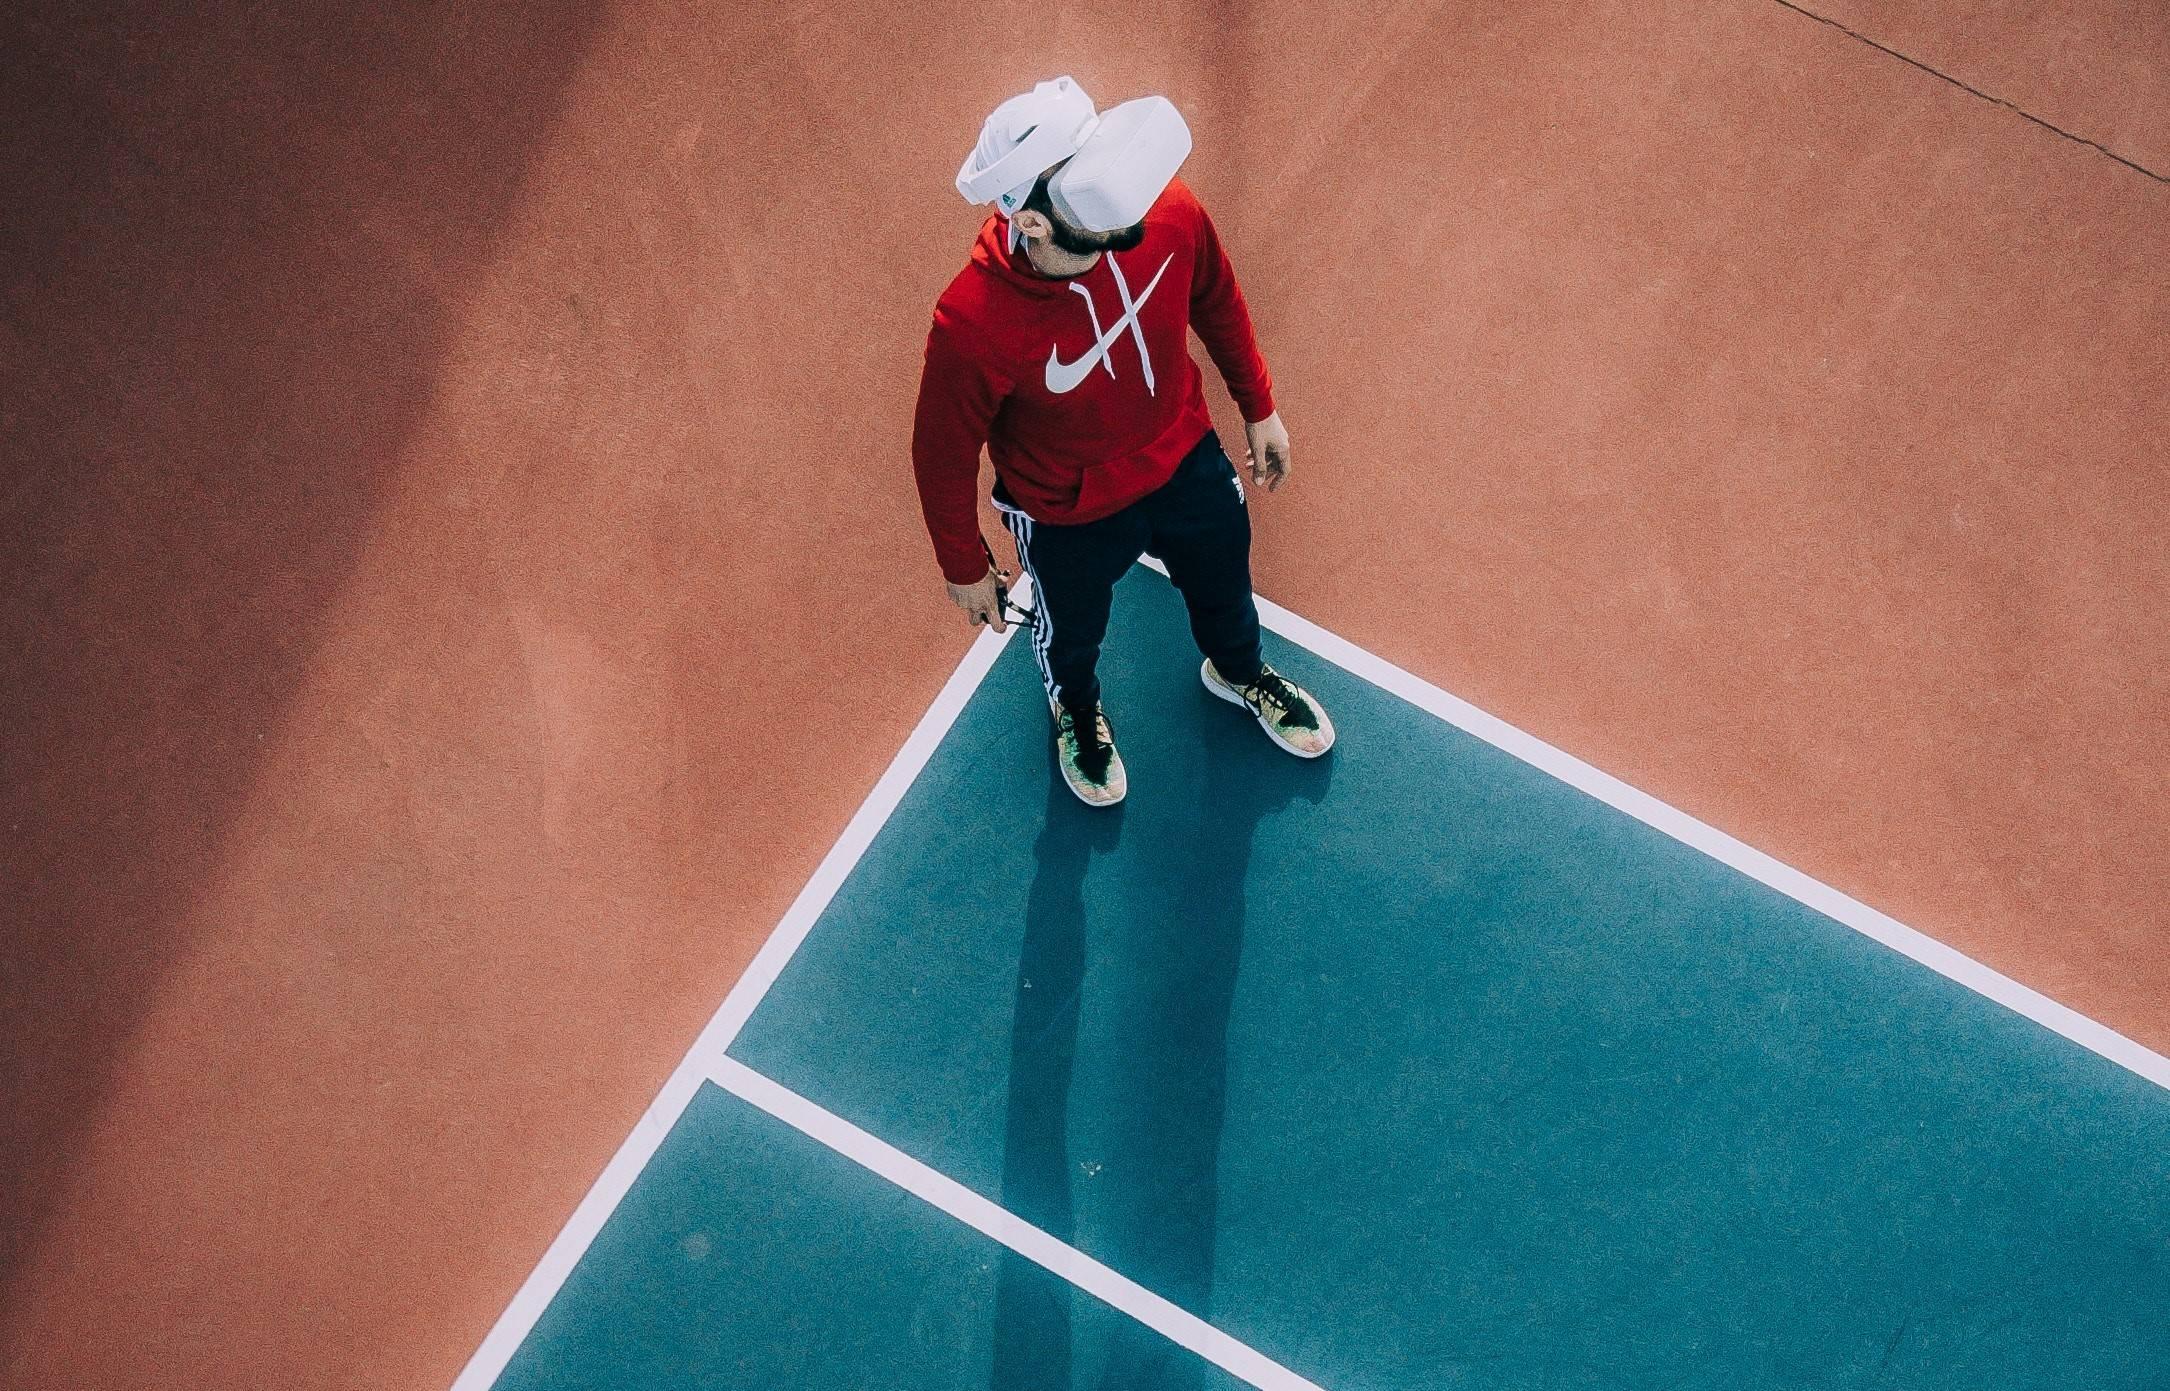 Menschen entwickeln ihre Fähigkeiten am besten im Spiel. Durch VR steigen die Möglichkeiten, verschiedene Praktiken spielerisch zu übersetzen. Foto: Martin Sanchez